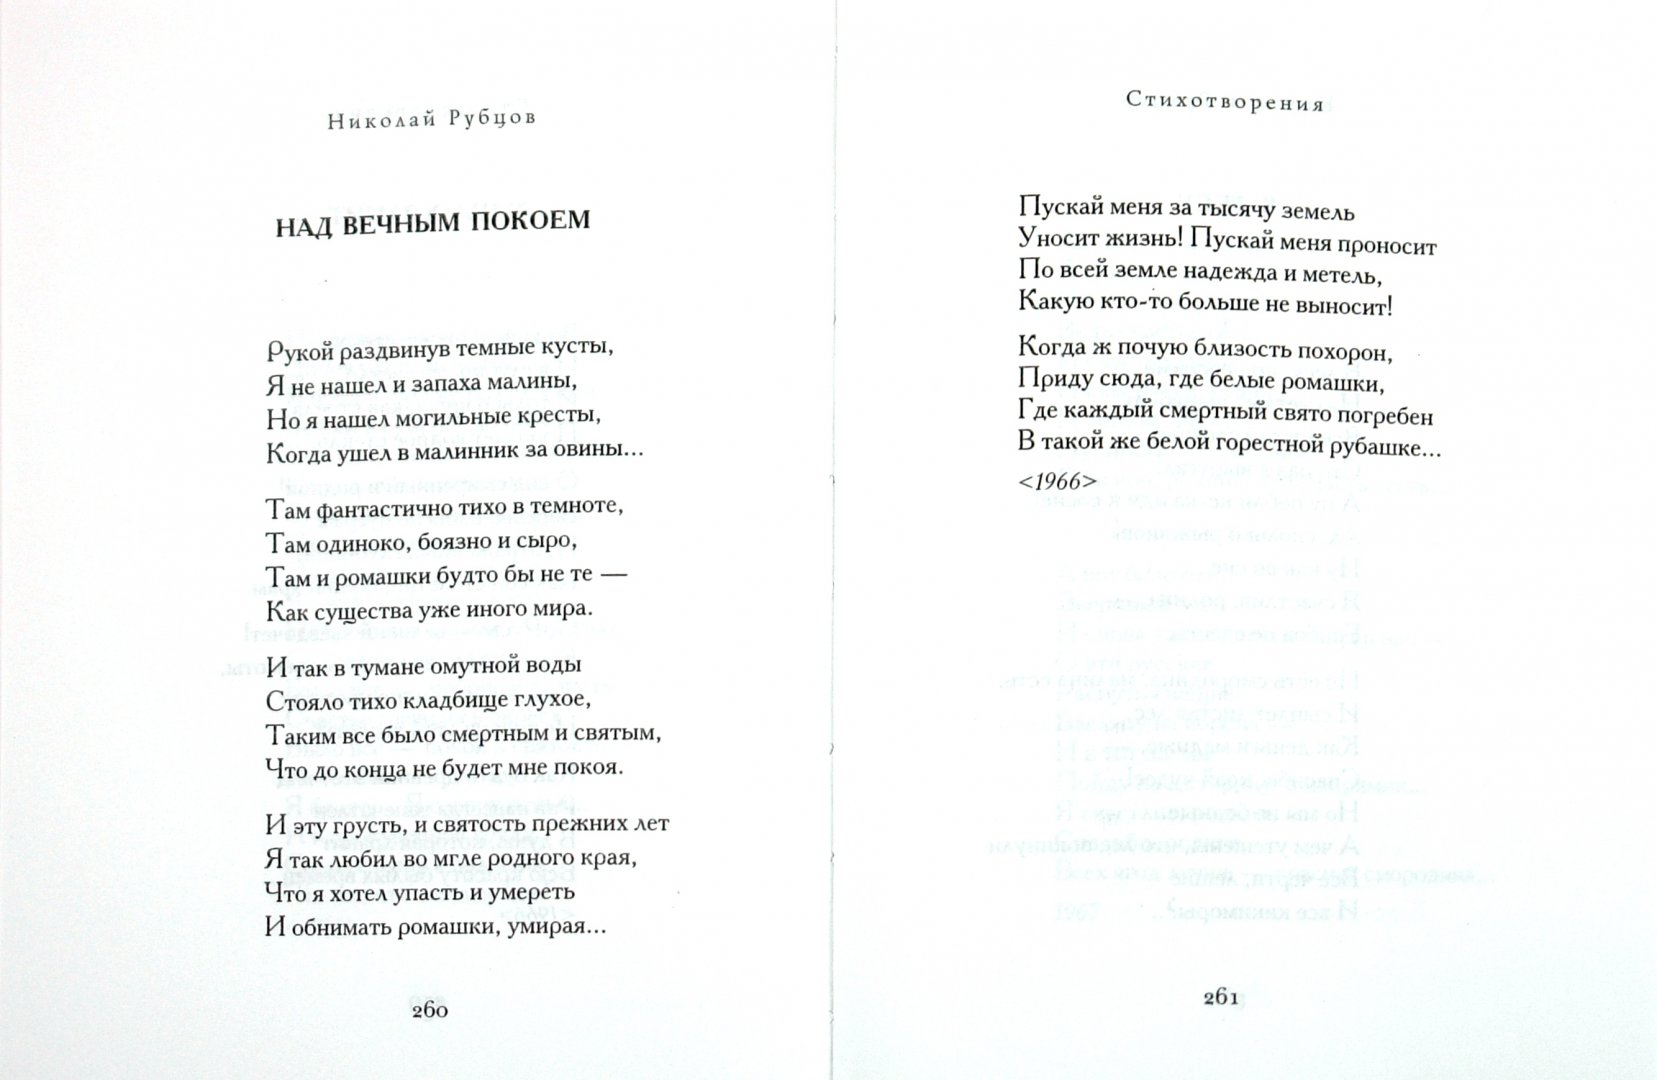 это короткие стихи михаила рубцова сравнению обычными породами